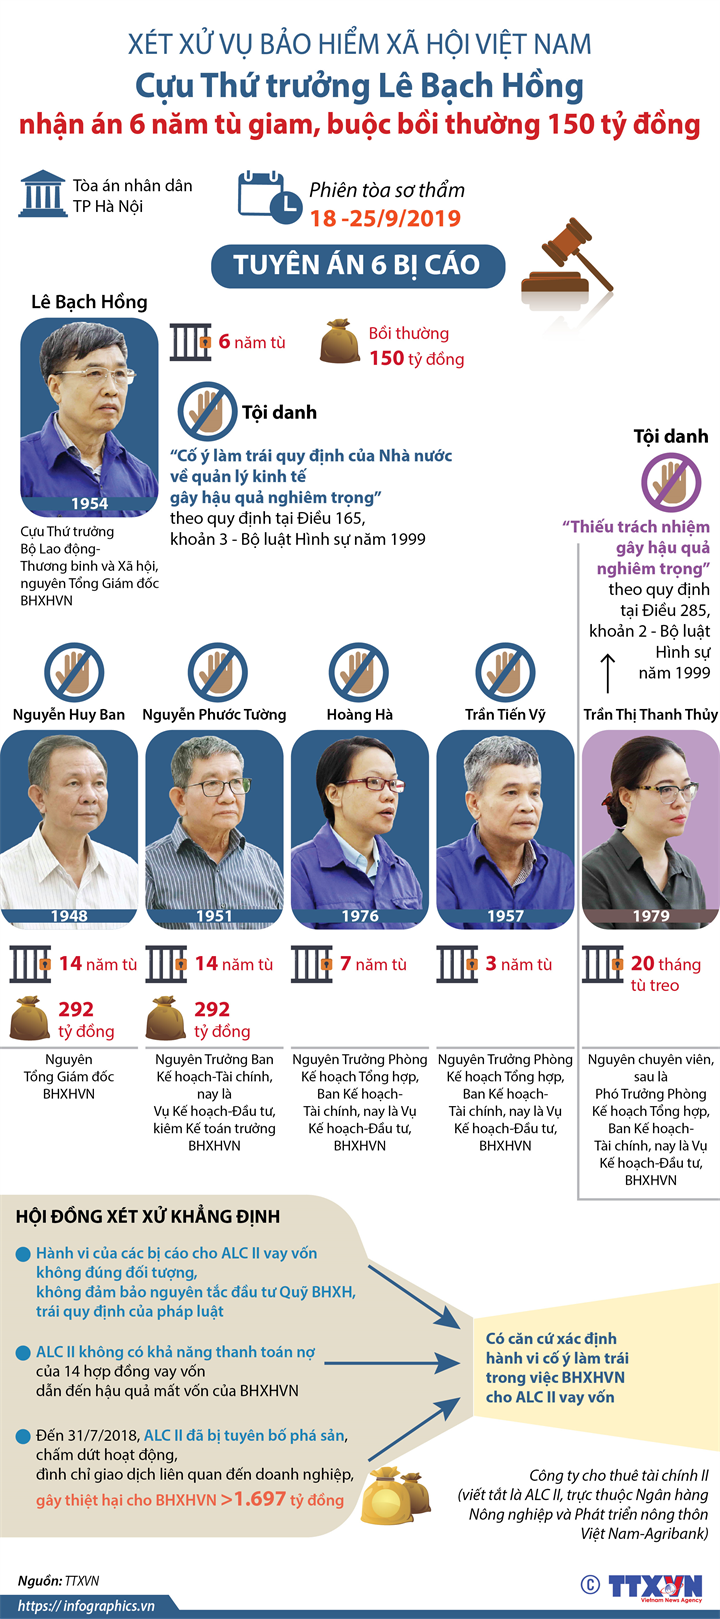 Xét xử vụ Bảo hiểm Xã hội Việt Nam: Cựu Thứ trưởng Lê Bạch Hồng nhận án 6 năm tù giam, buộc bồi thường 150 tỷ đồng